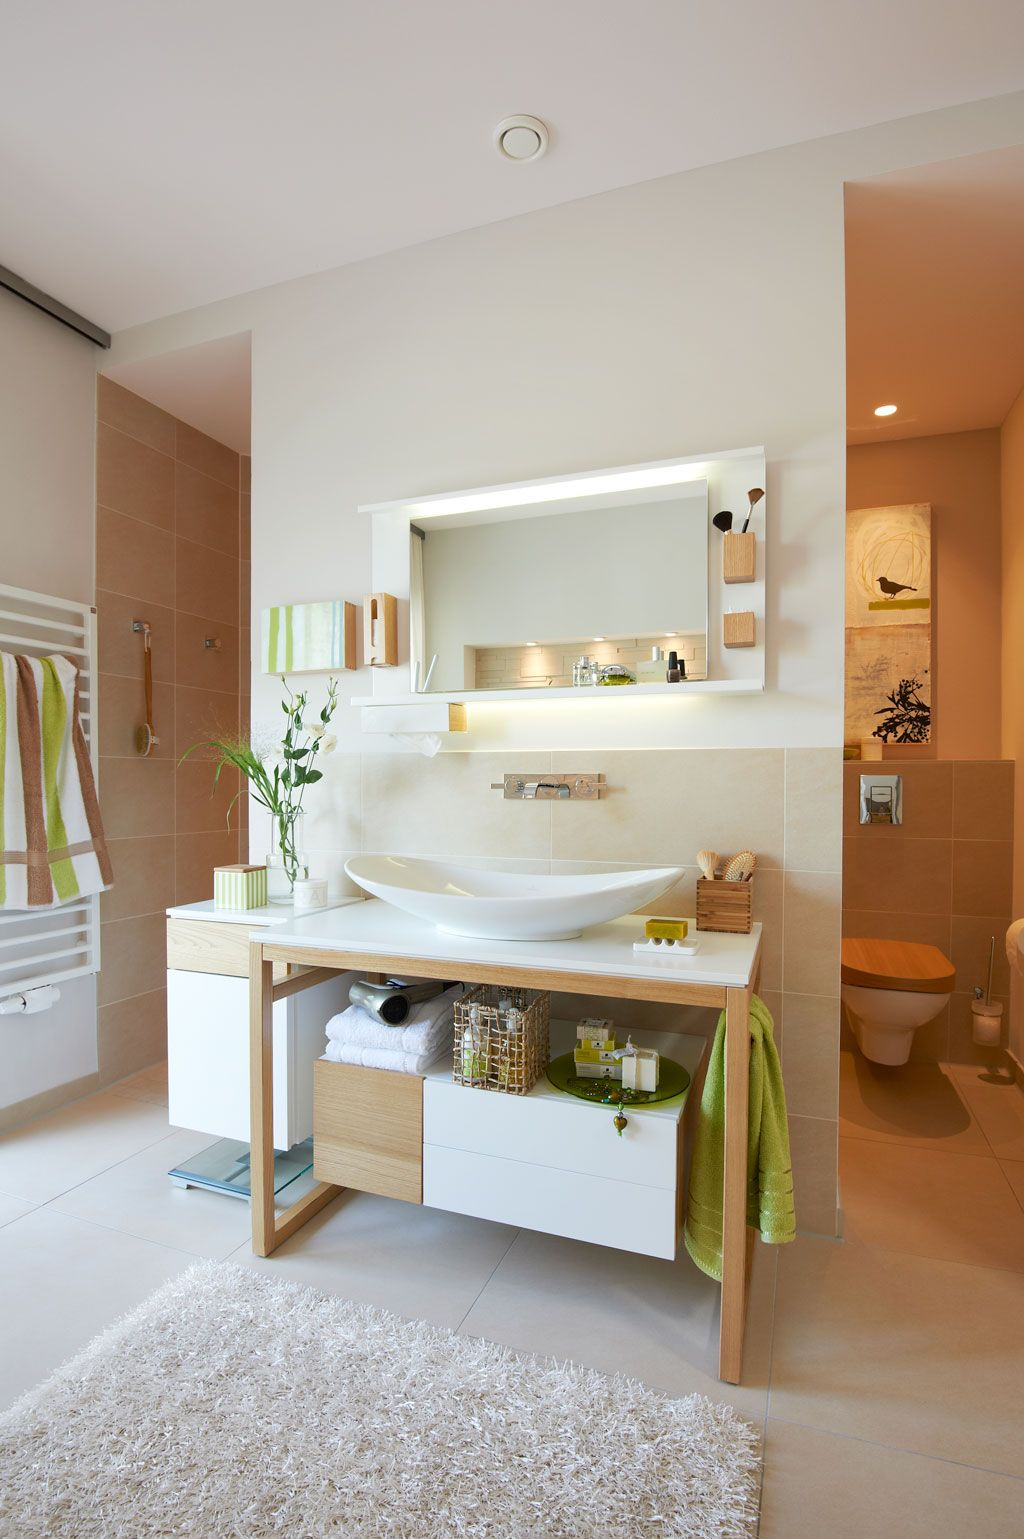 viebrockhaus edition 500 b wohnidee haus ein bungalow mit frischen wohnideen waschtisch. Black Bedroom Furniture Sets. Home Design Ideas